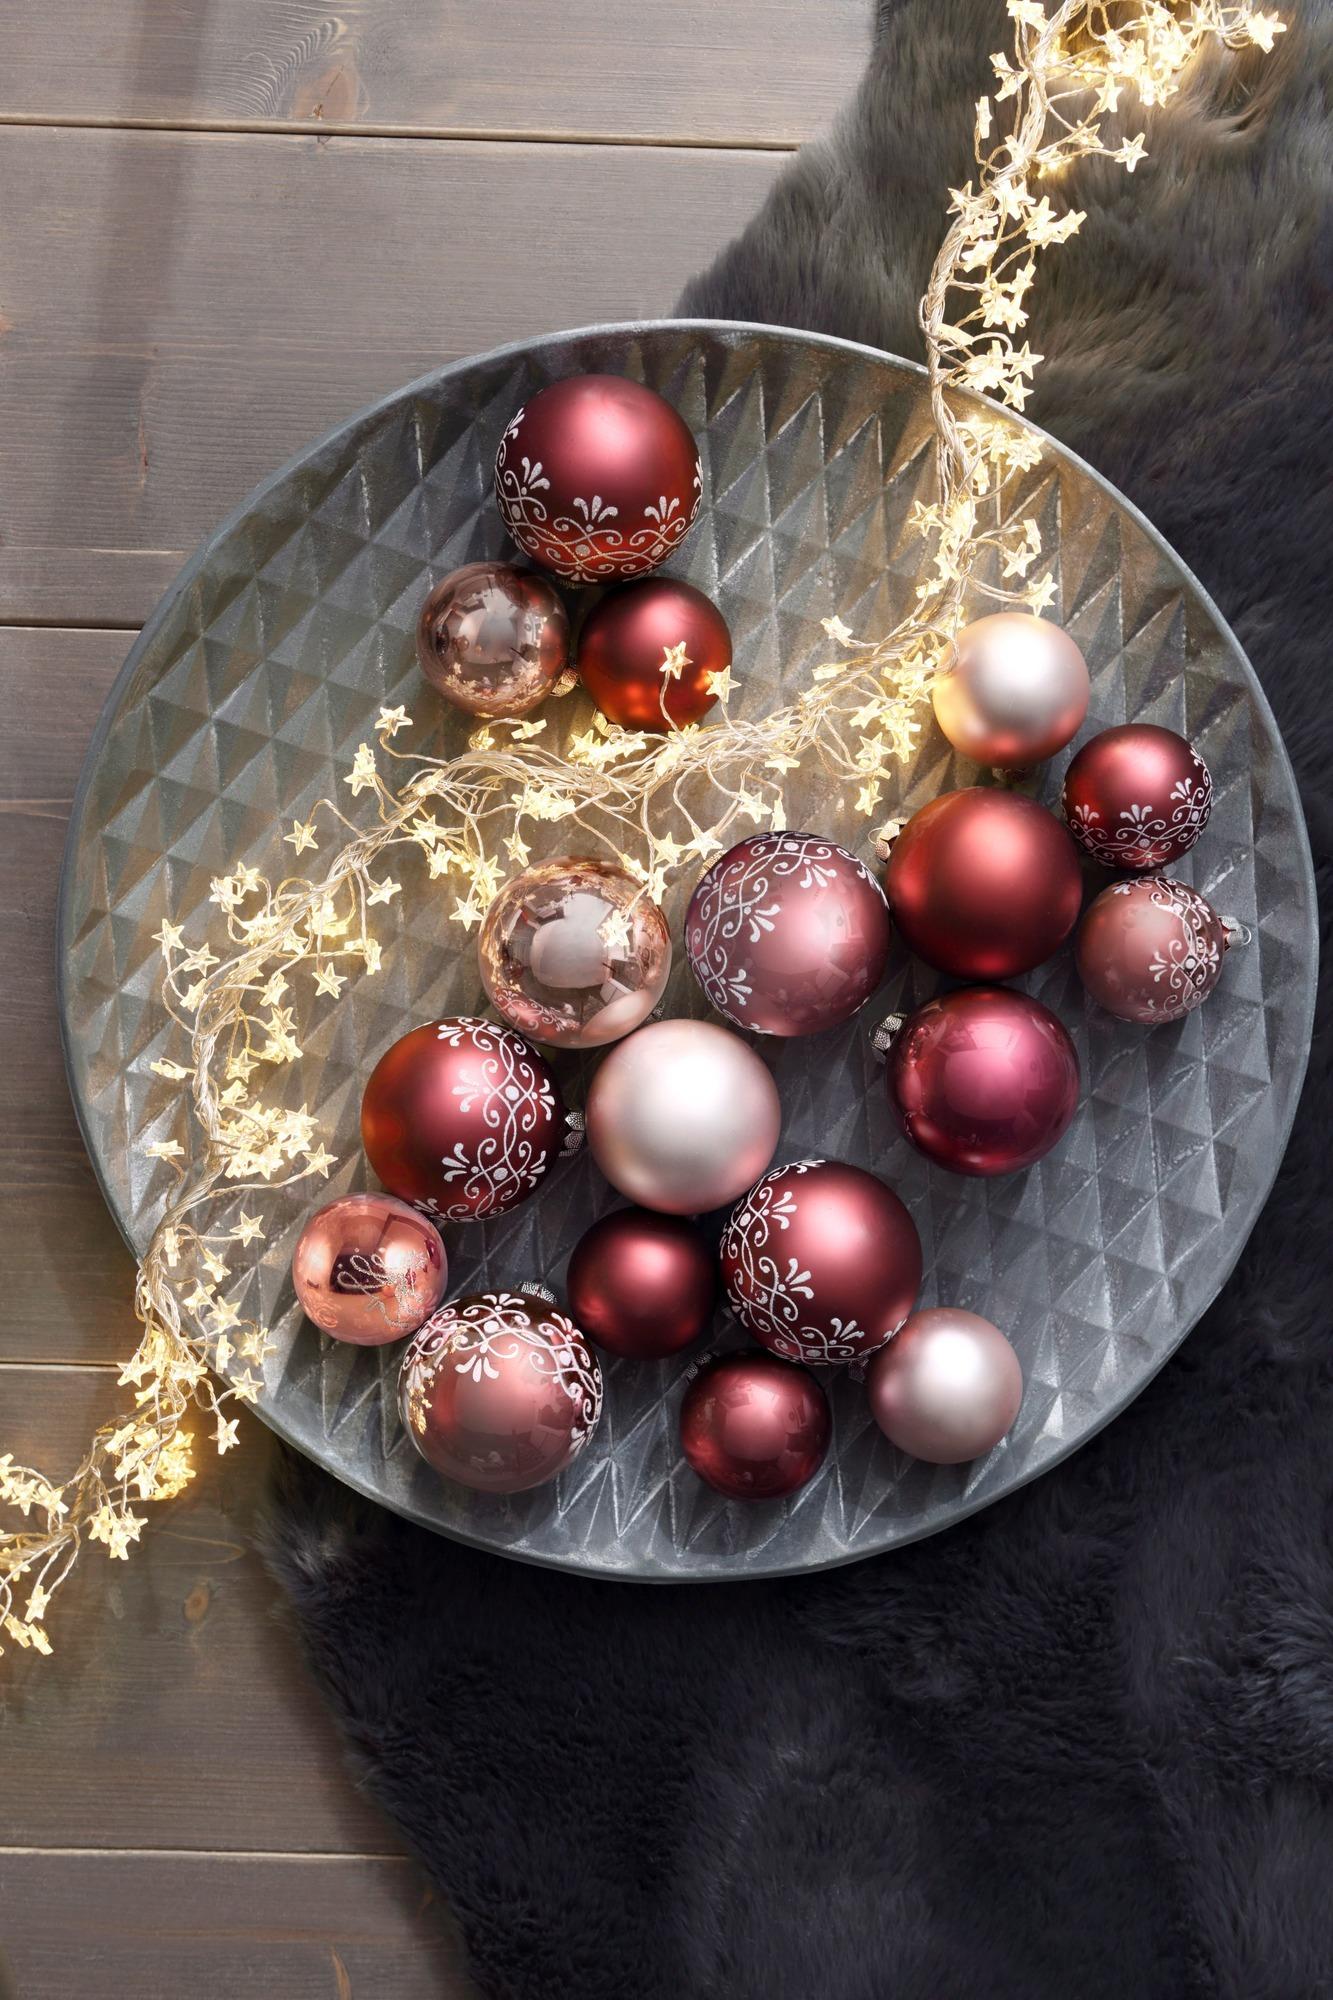 Deko-Trends für Weihnachten 2018 - Fotogalerien - Rhein Neckar Zeitung